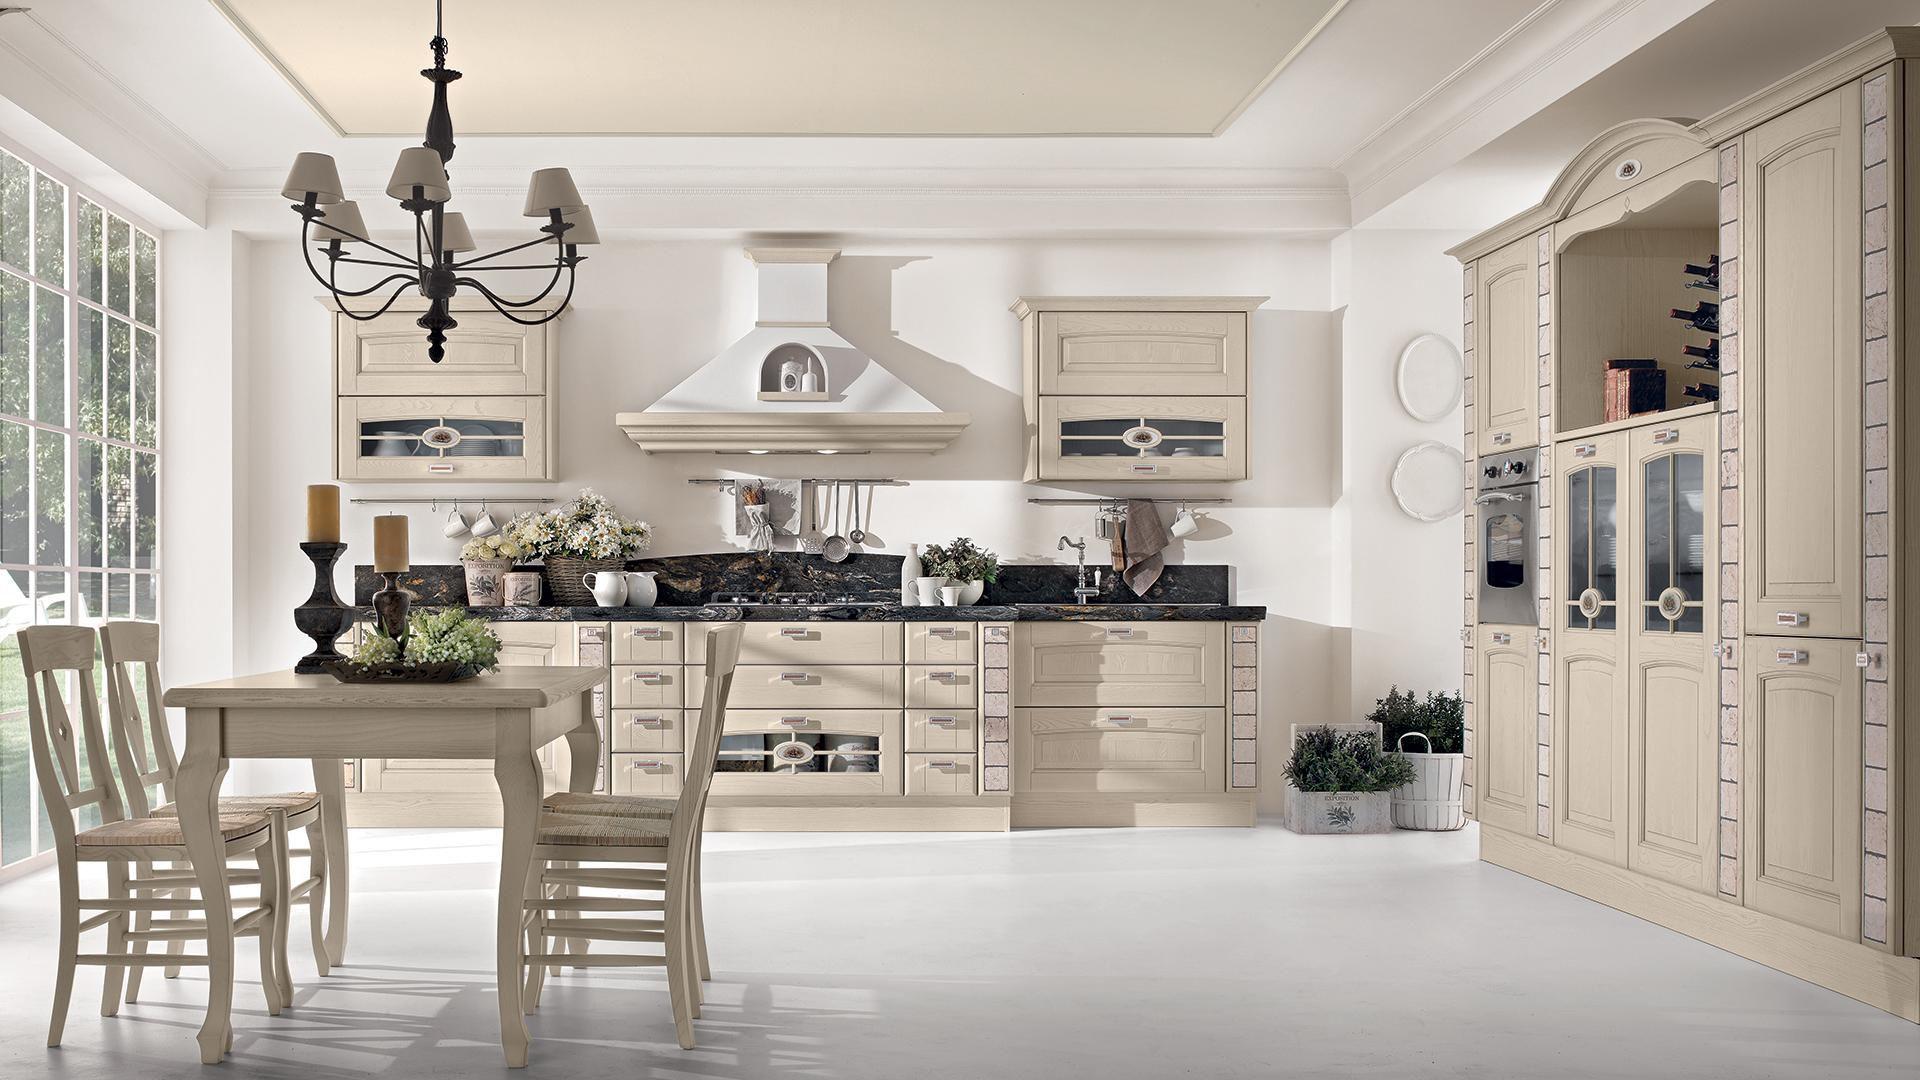 Cucina classica / in legno / con impugnature - VERONICA - CUCINE LUBE